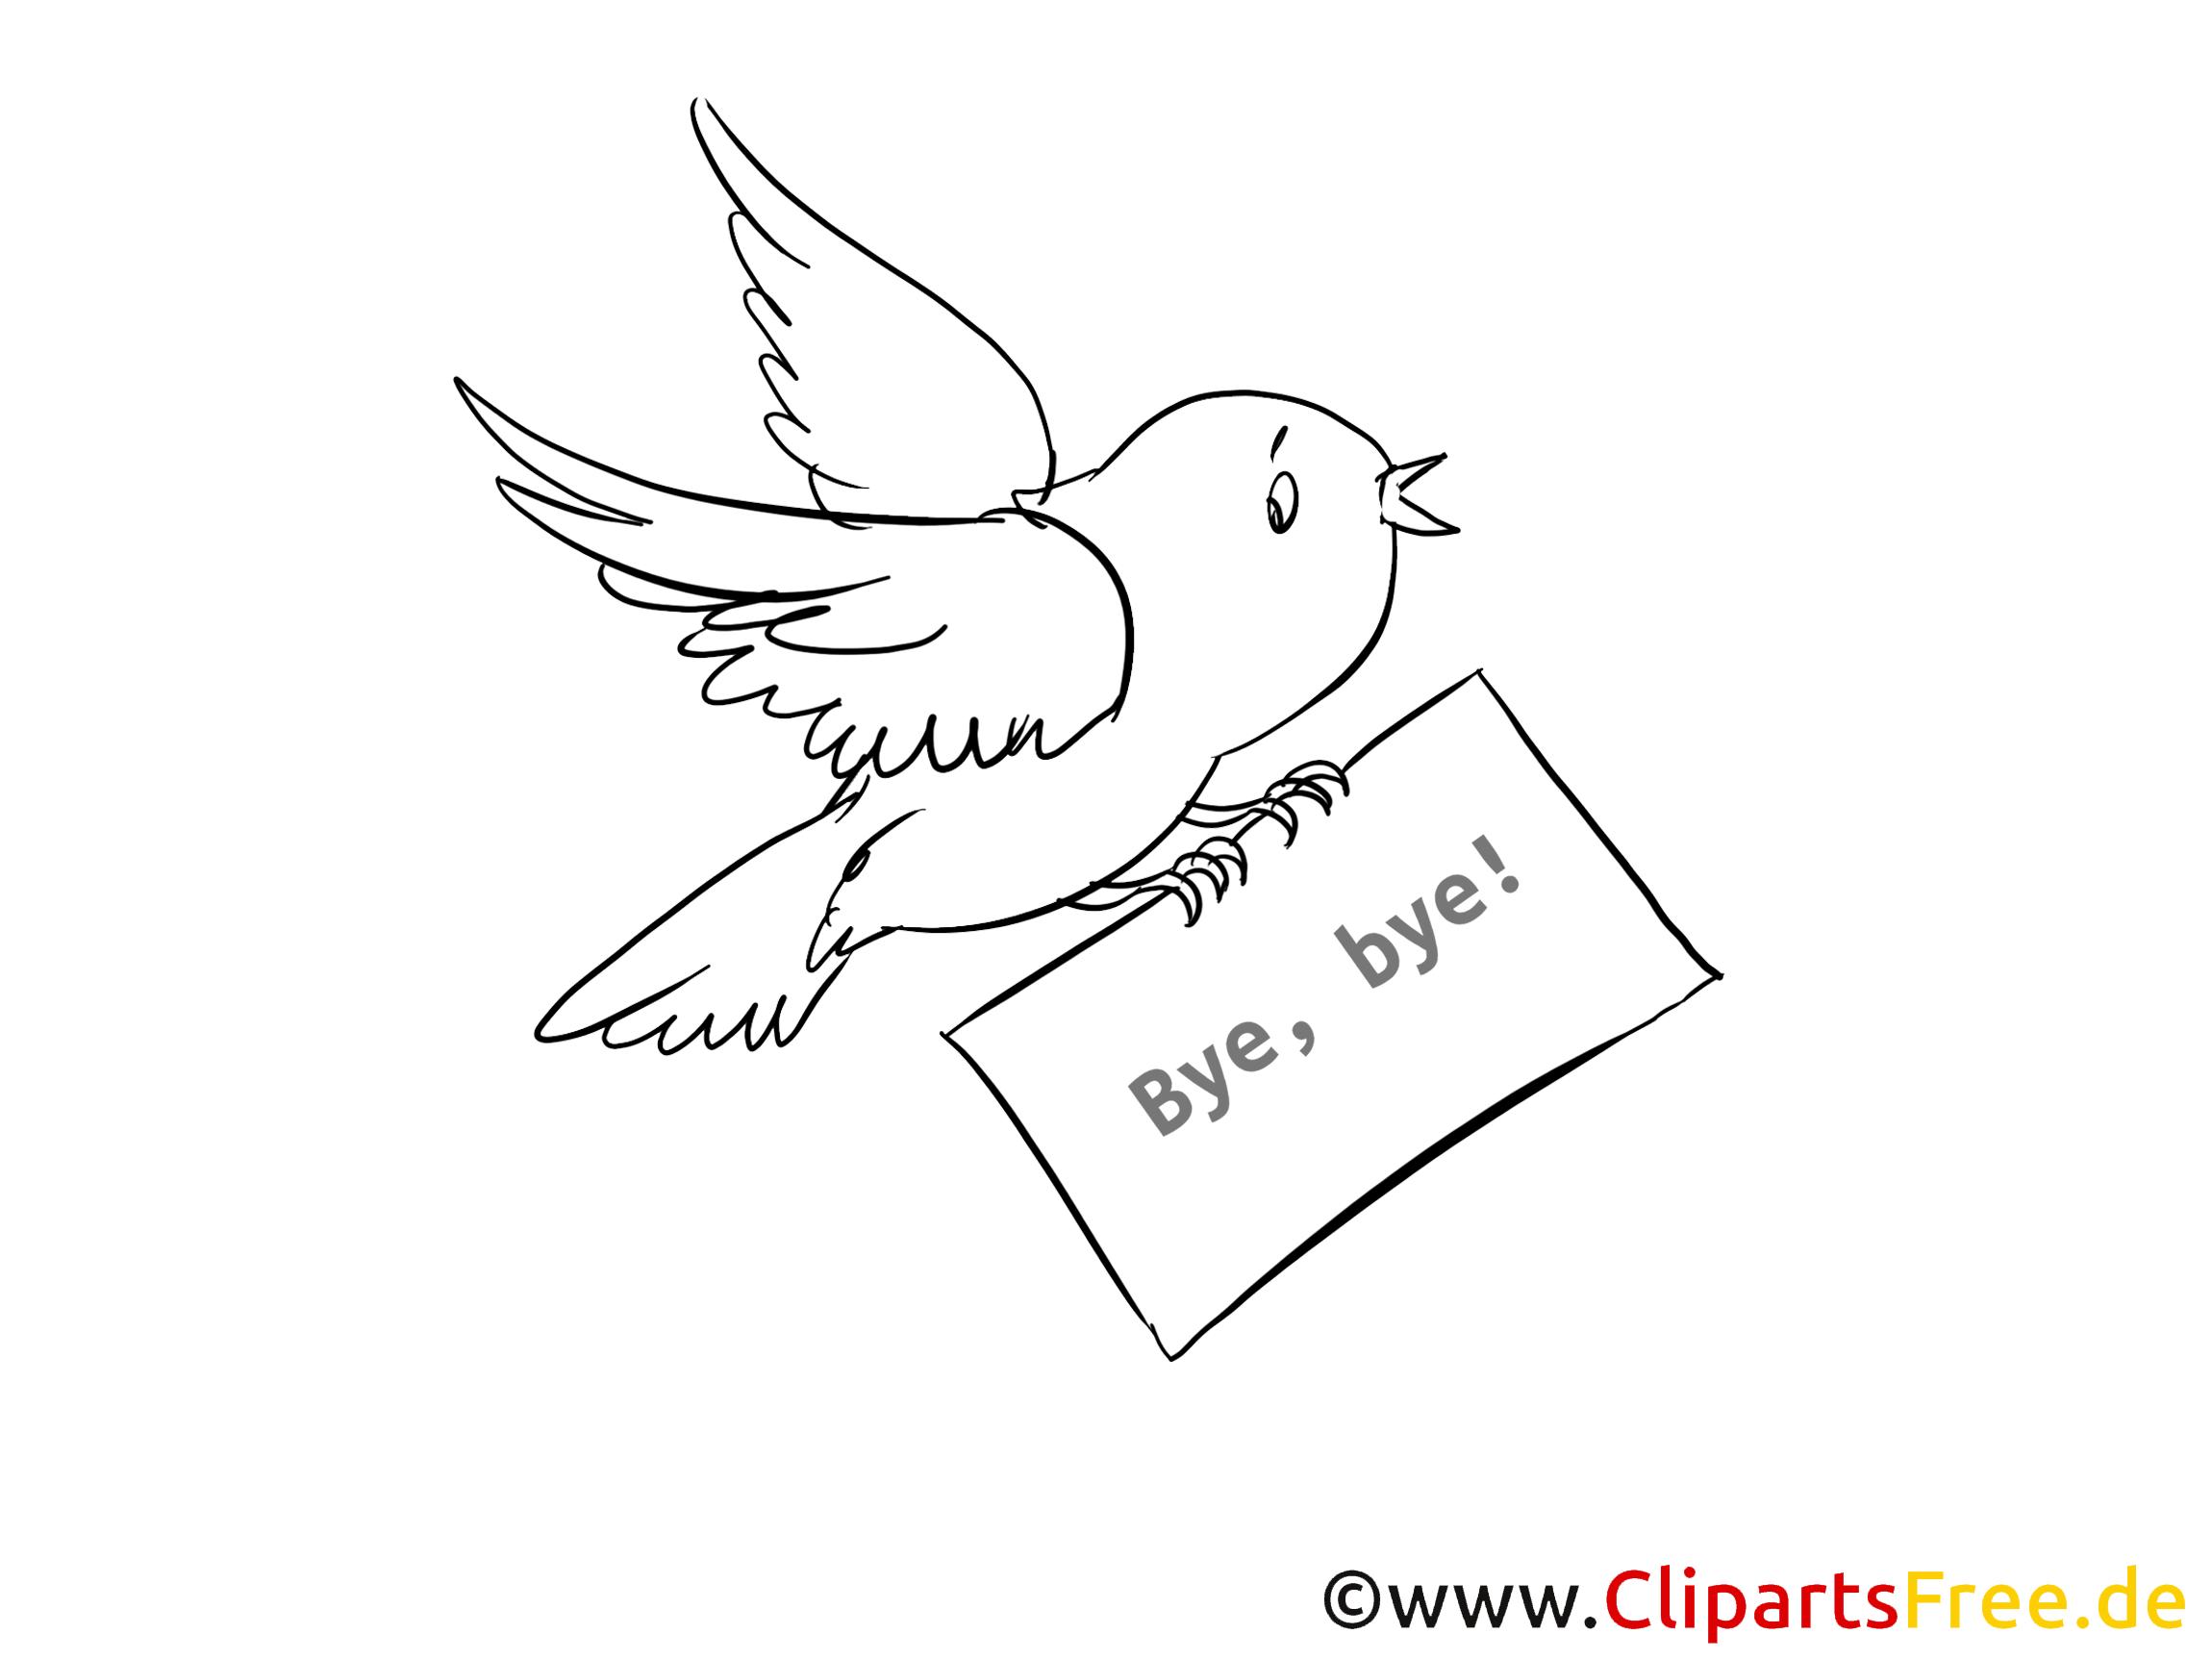 Oiseau dessin à colorier - Adieu clip arts gratuits